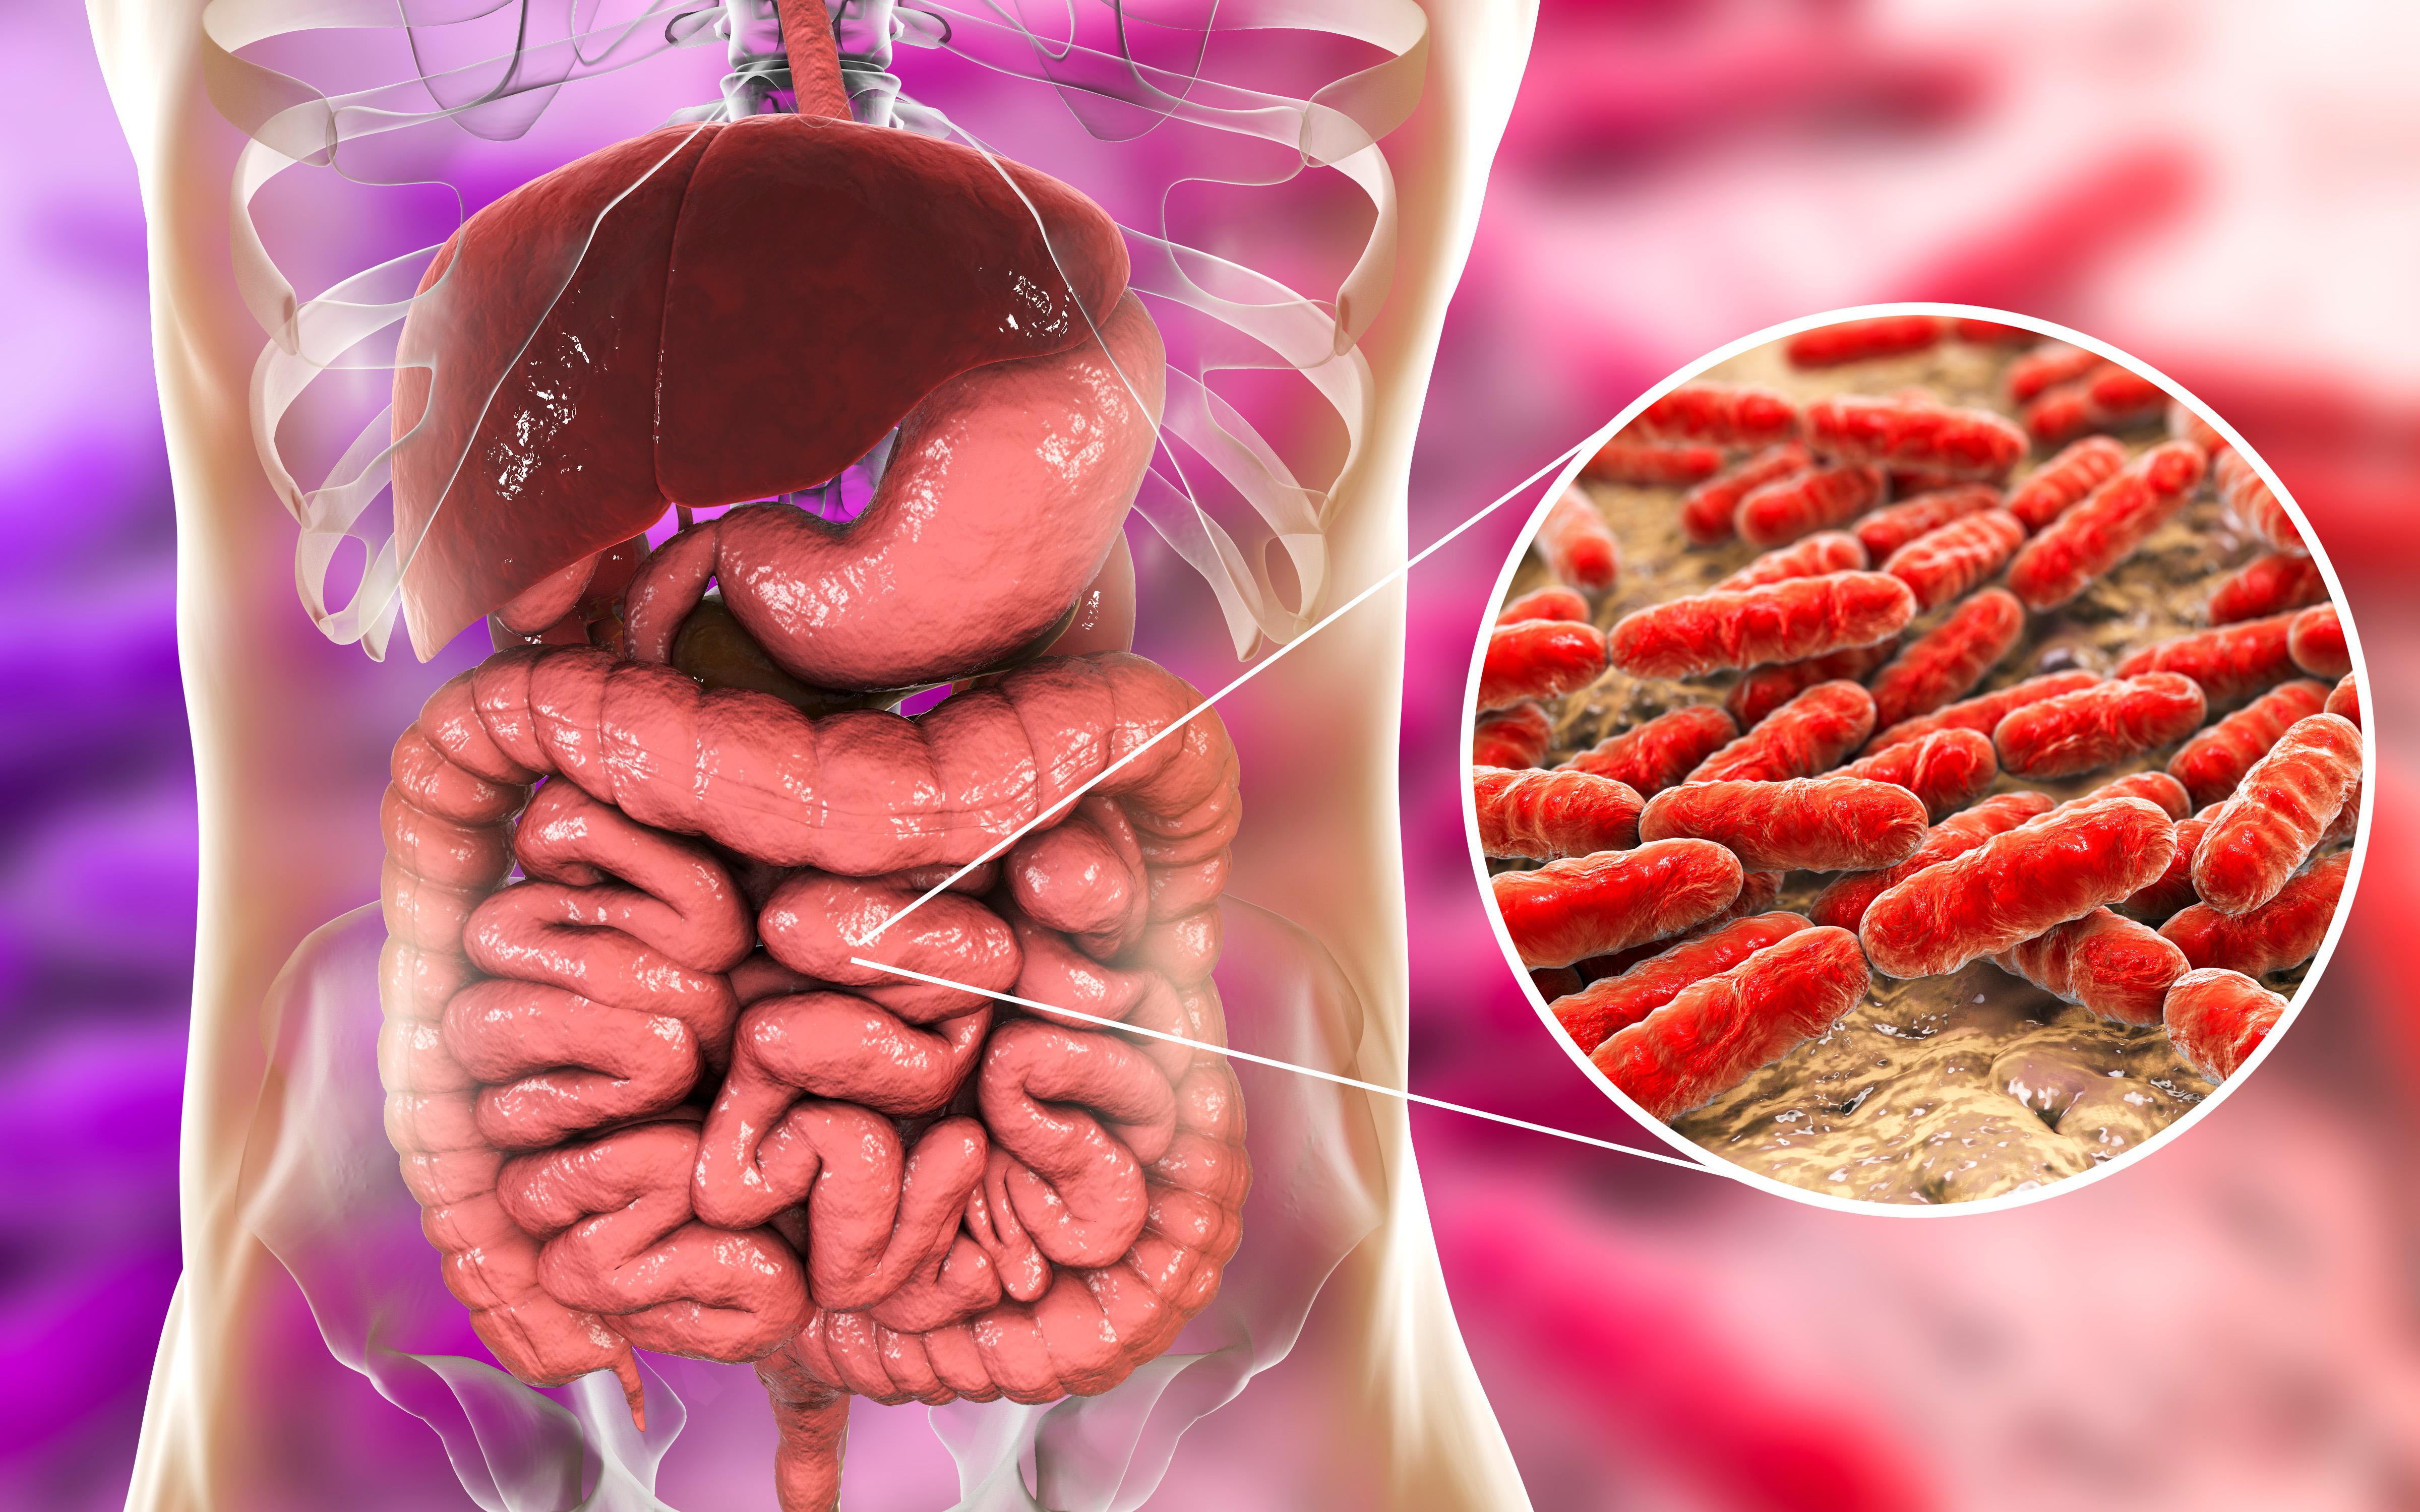 Vi har mängder av bakterier i tarmarna och de flesta är viktiga för att vi ska må bra.